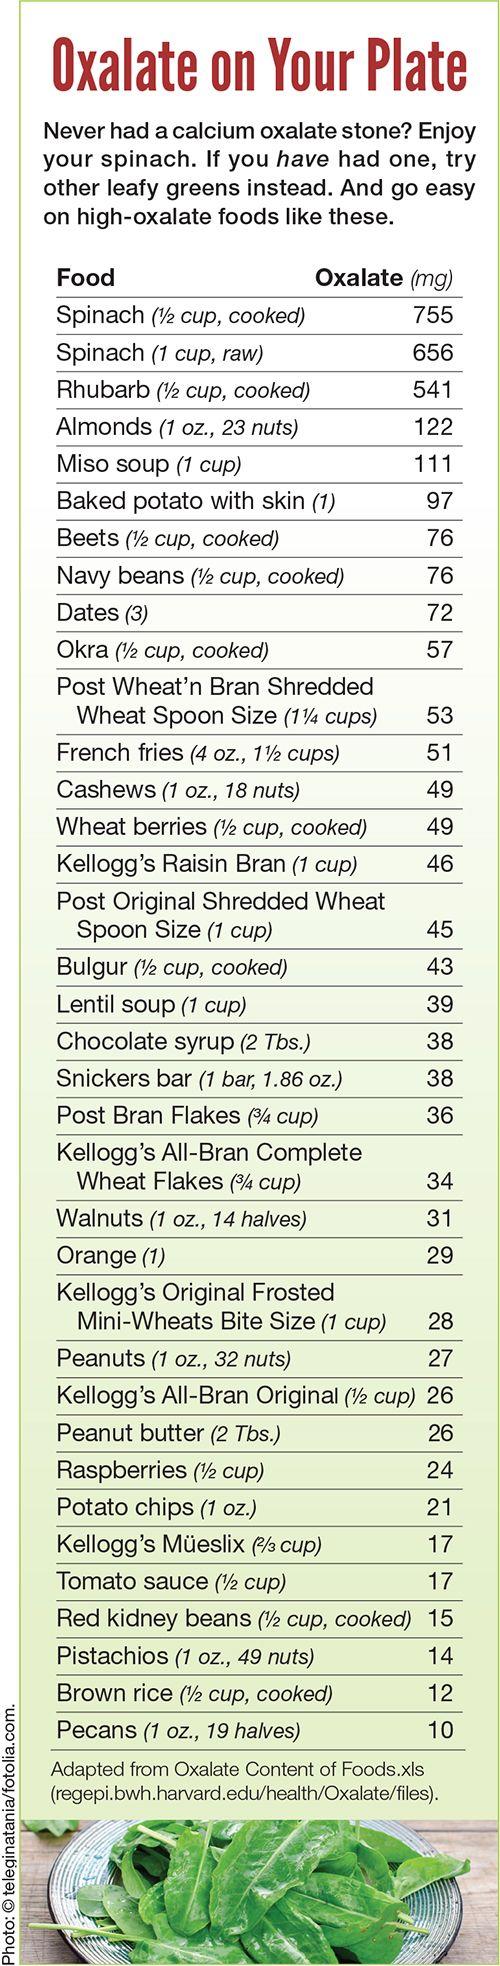 Best Low Oxalate Food List